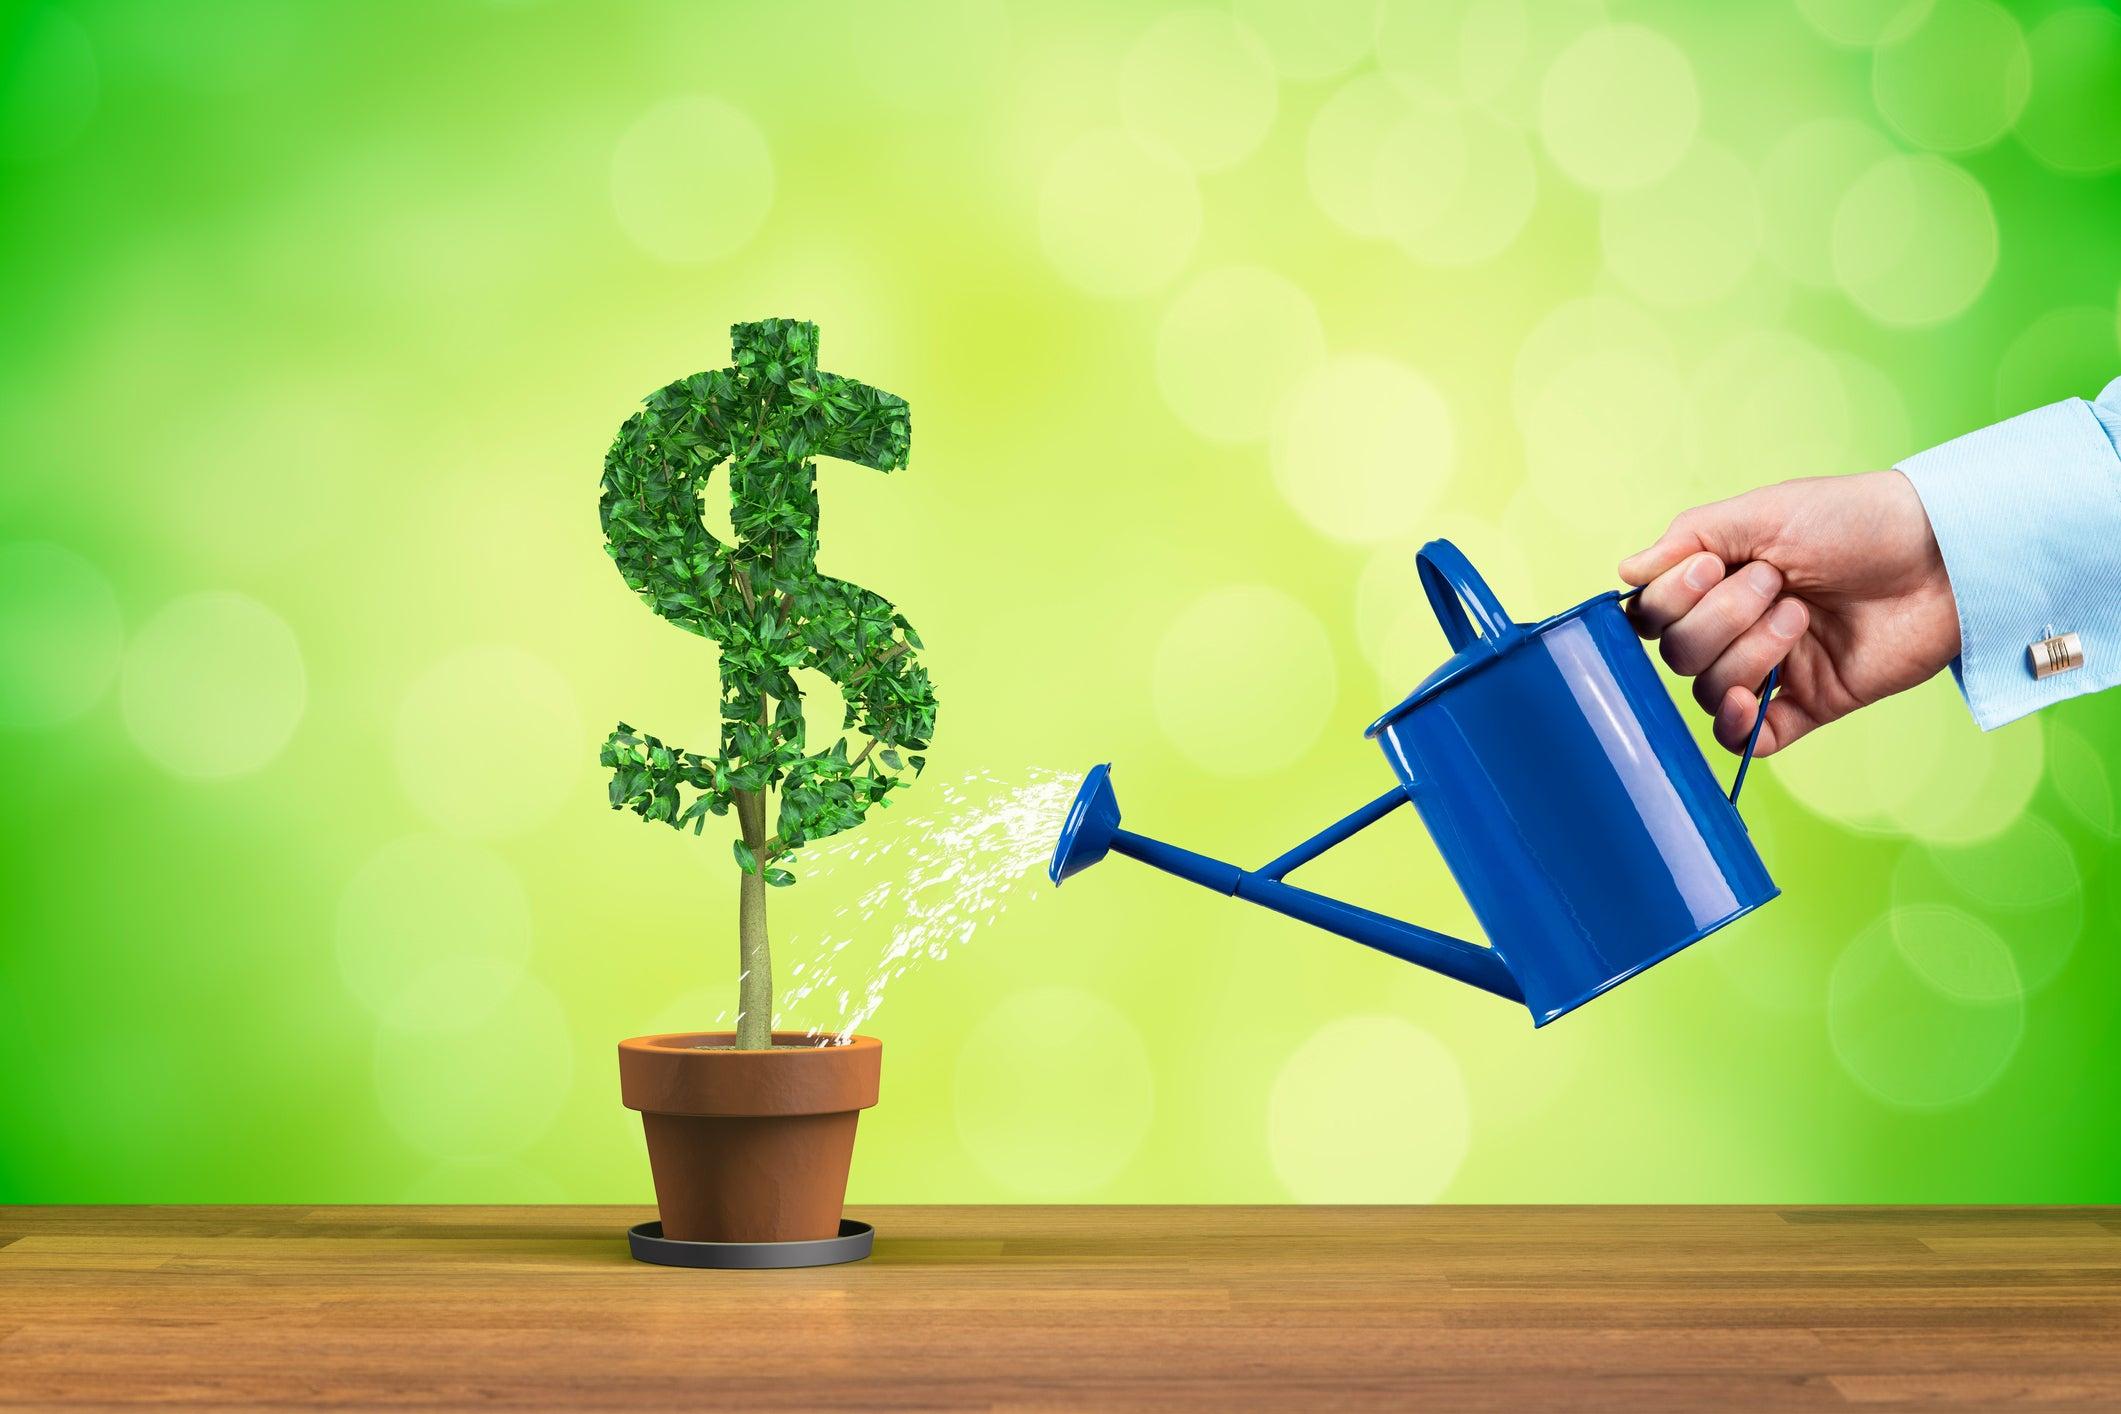 Phương pháp quản lí tài chính đảm bảo thành công cho tất cả mọi người - Ảnh 1.